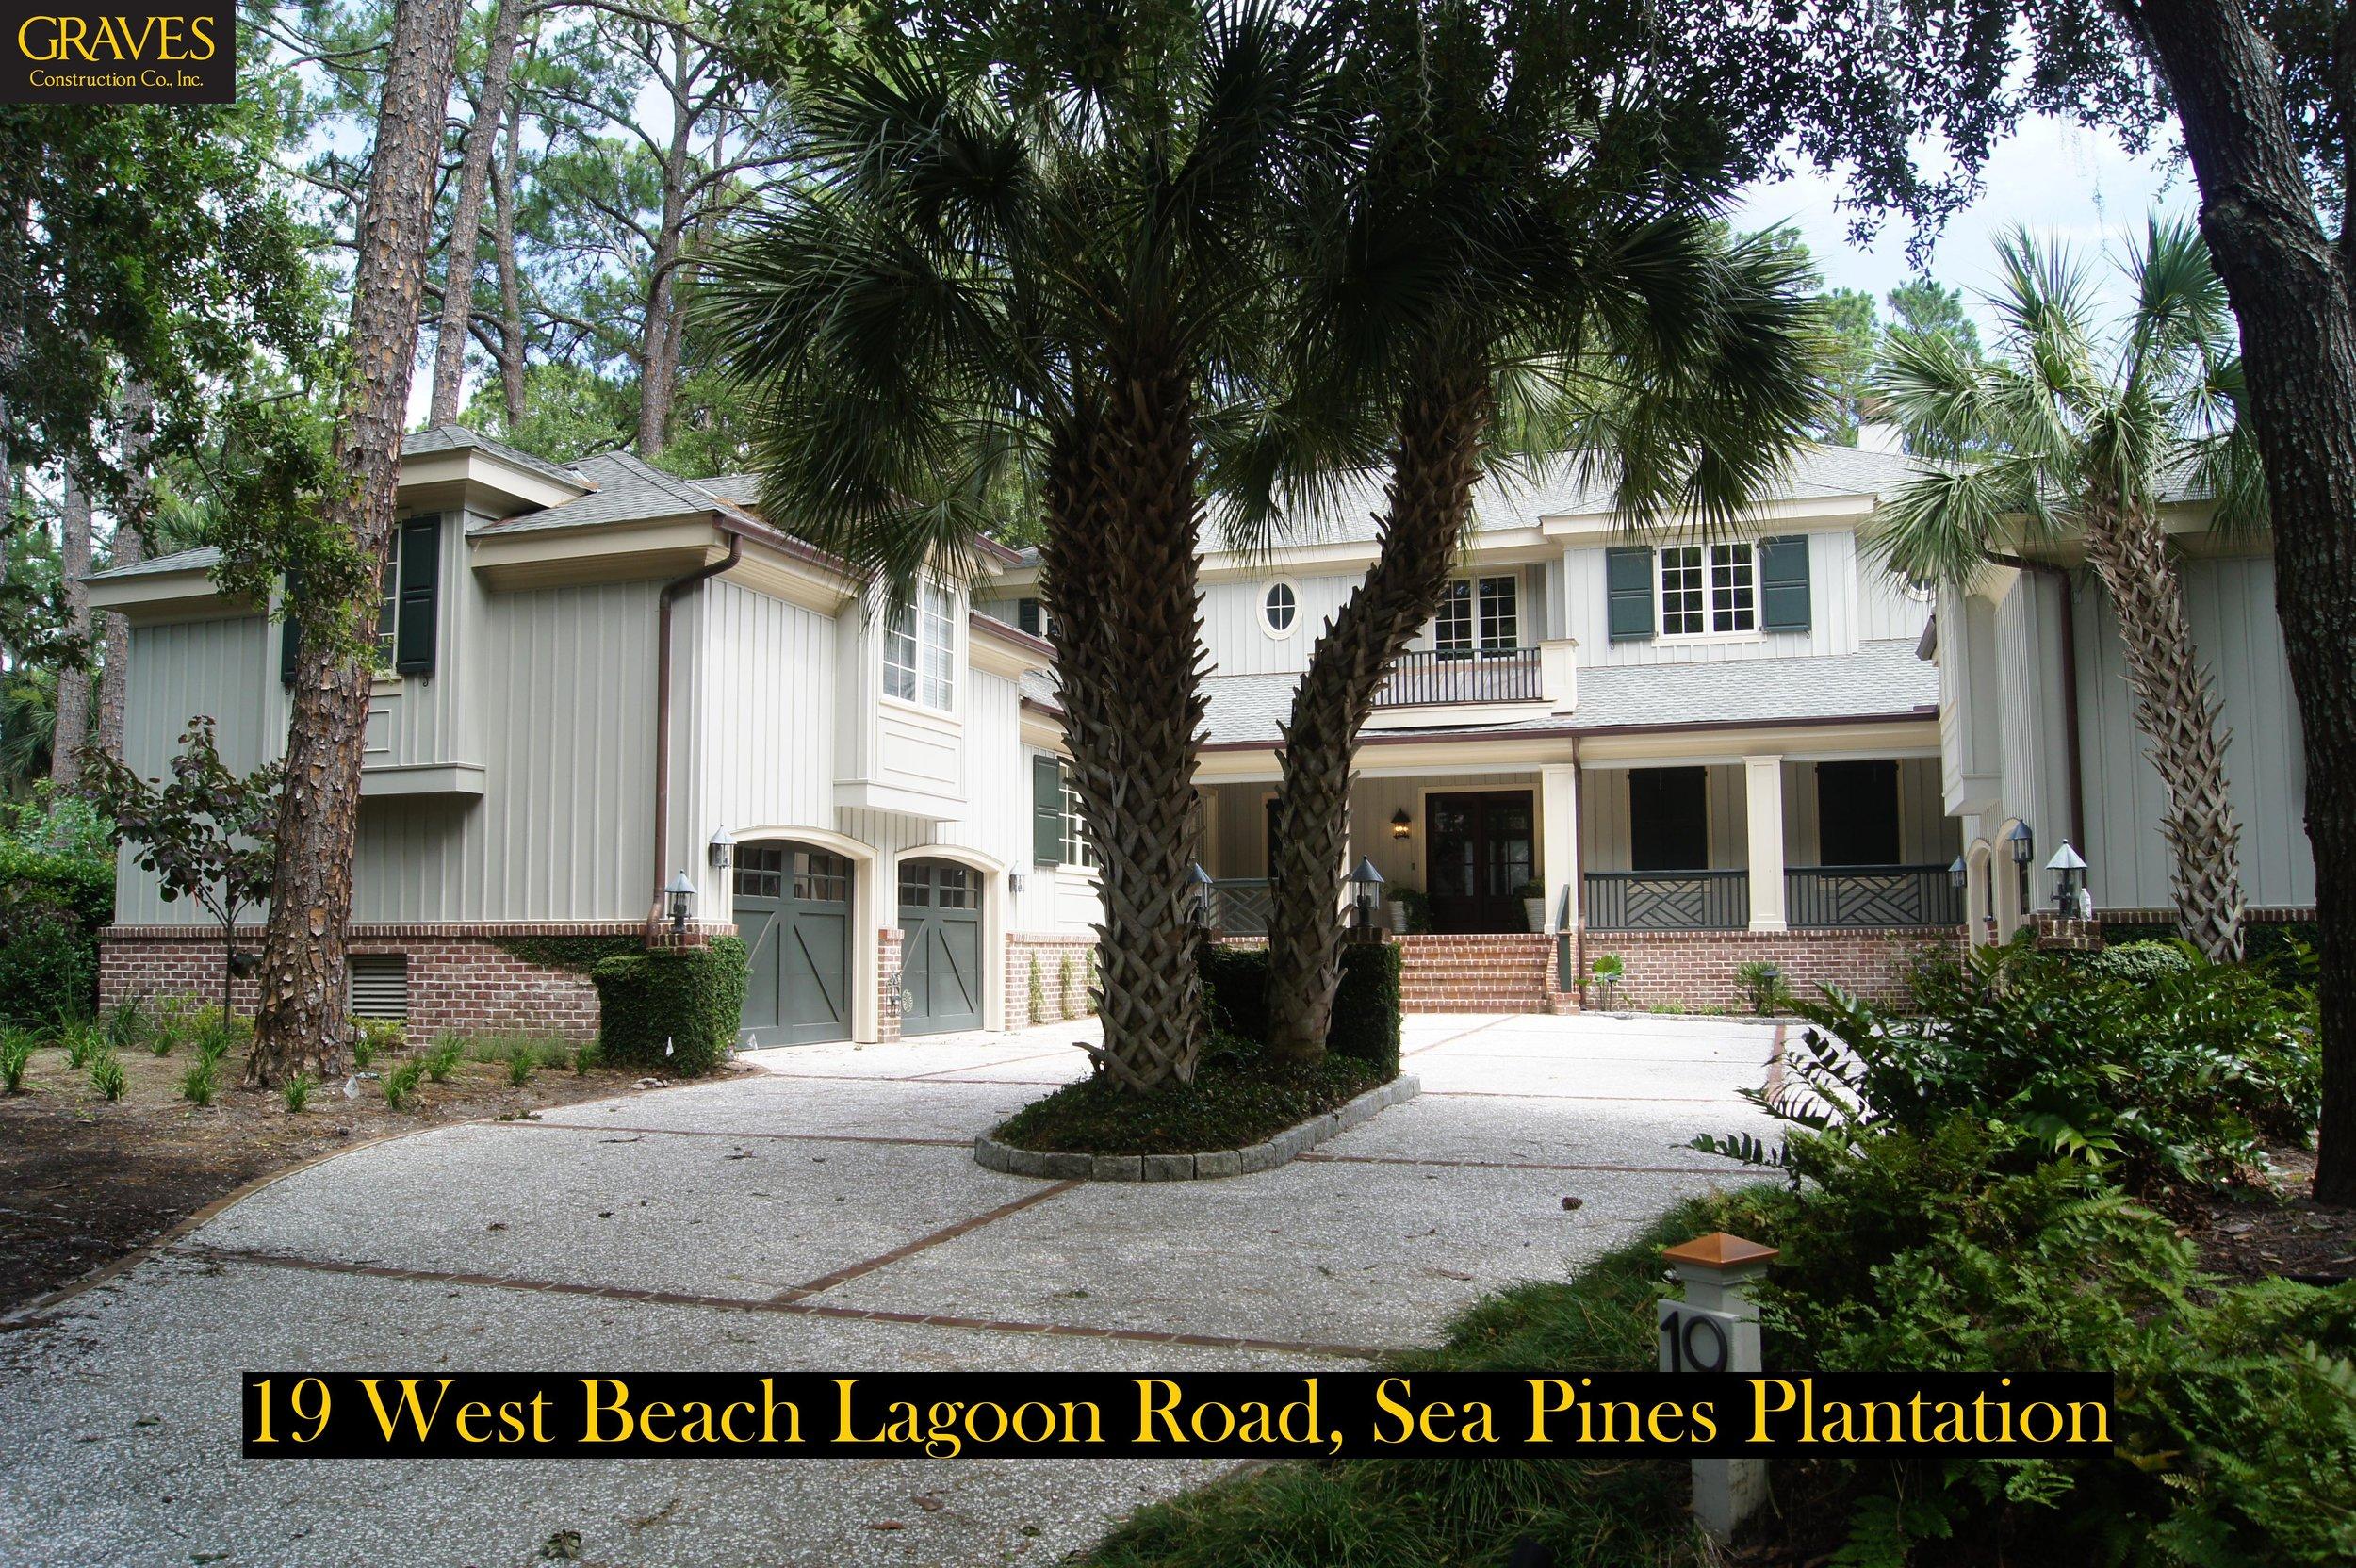 19 West Beach Lagoon Rd - 2